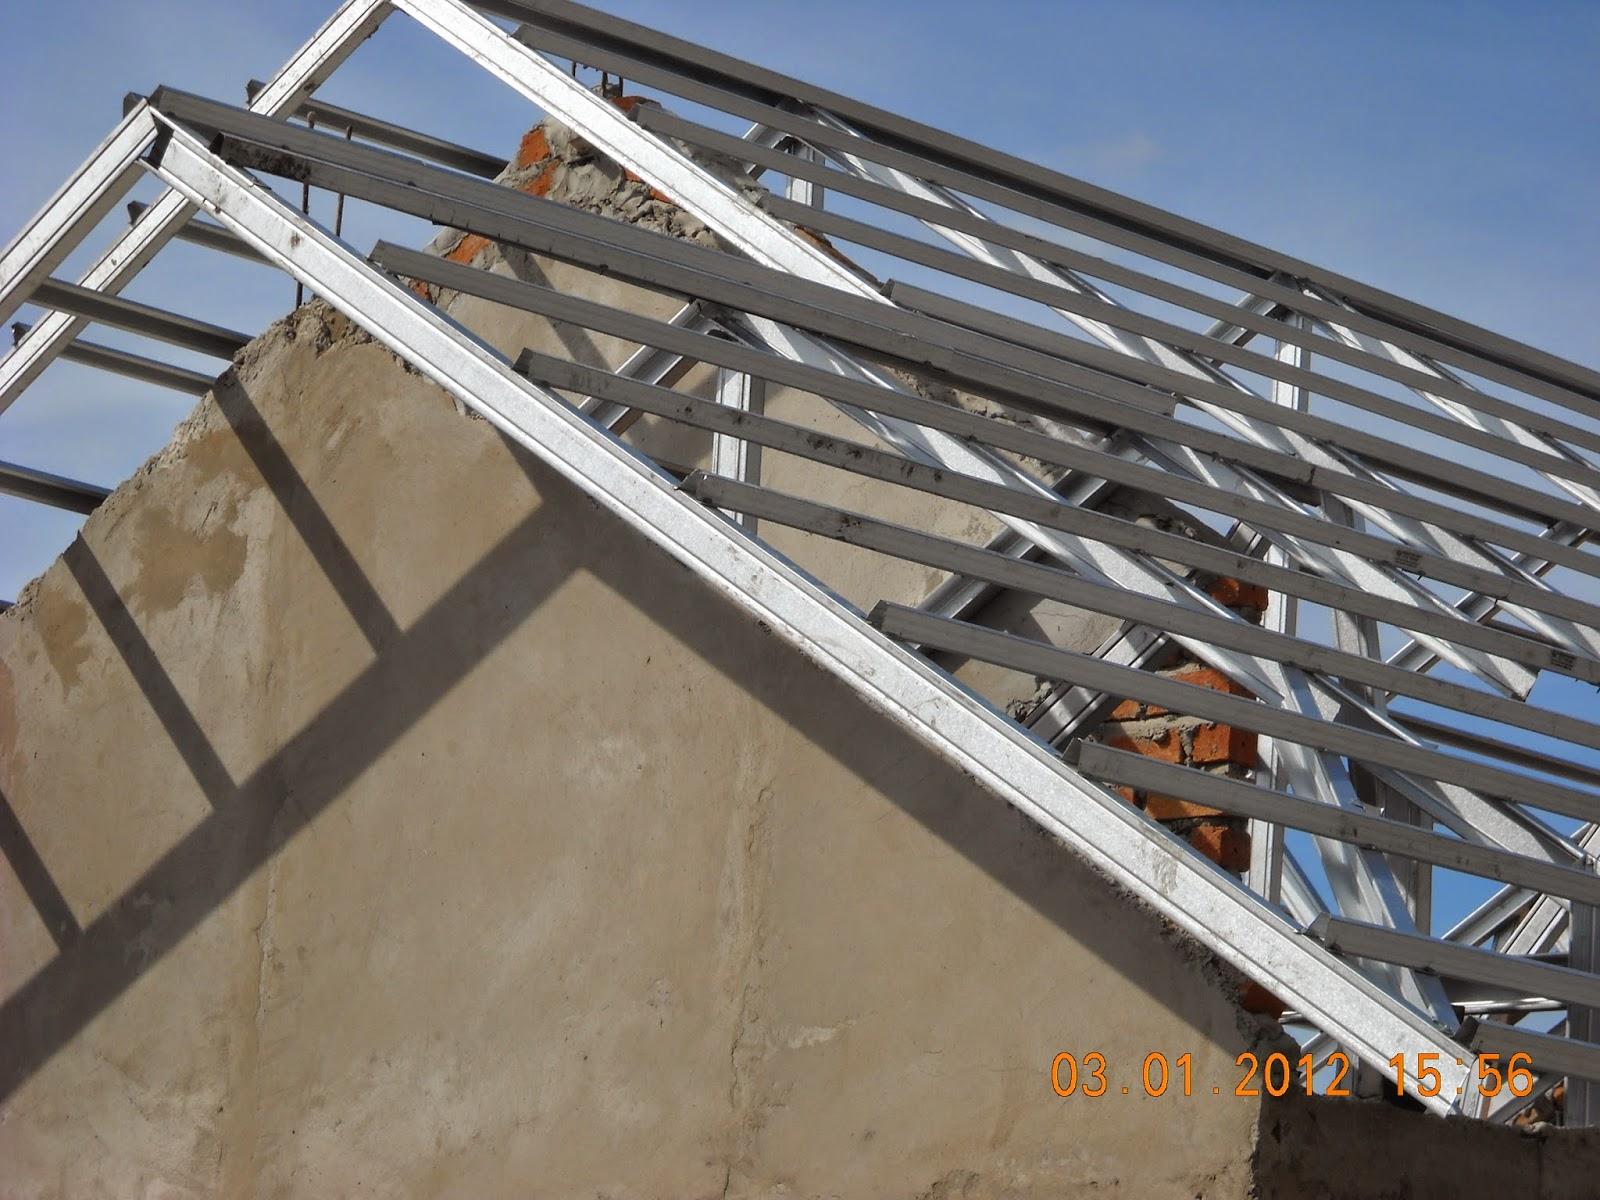 Harga Rangka Atap Baja Ringan Di Malang Jasa Pemasangan Galvalum